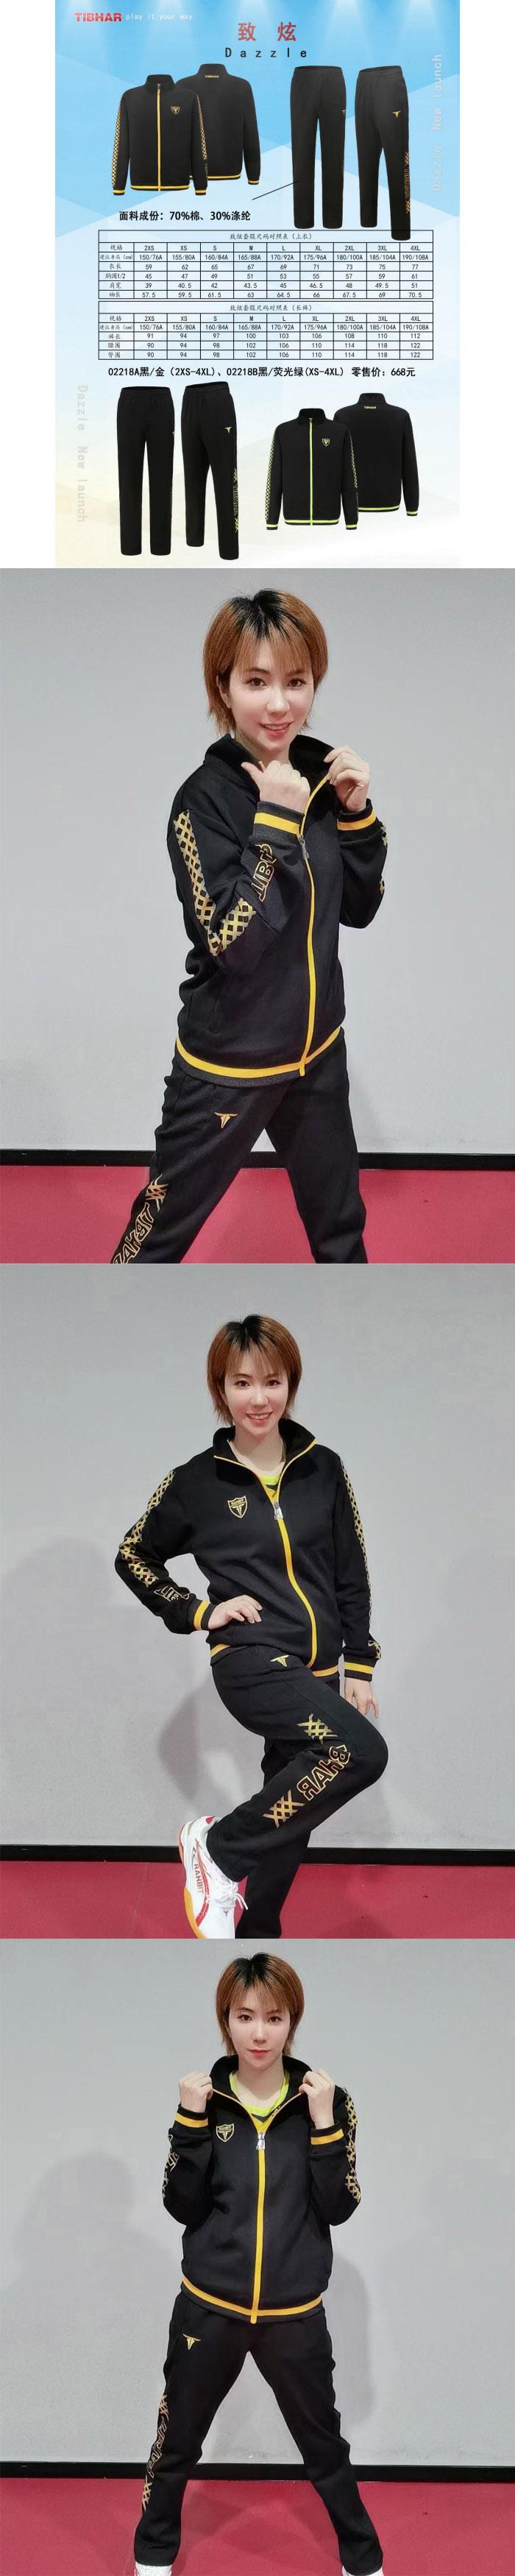 TIBHAR挺拔致炫乒乓球服 02218A长袖套装 02218B运动服球衣长裤套服